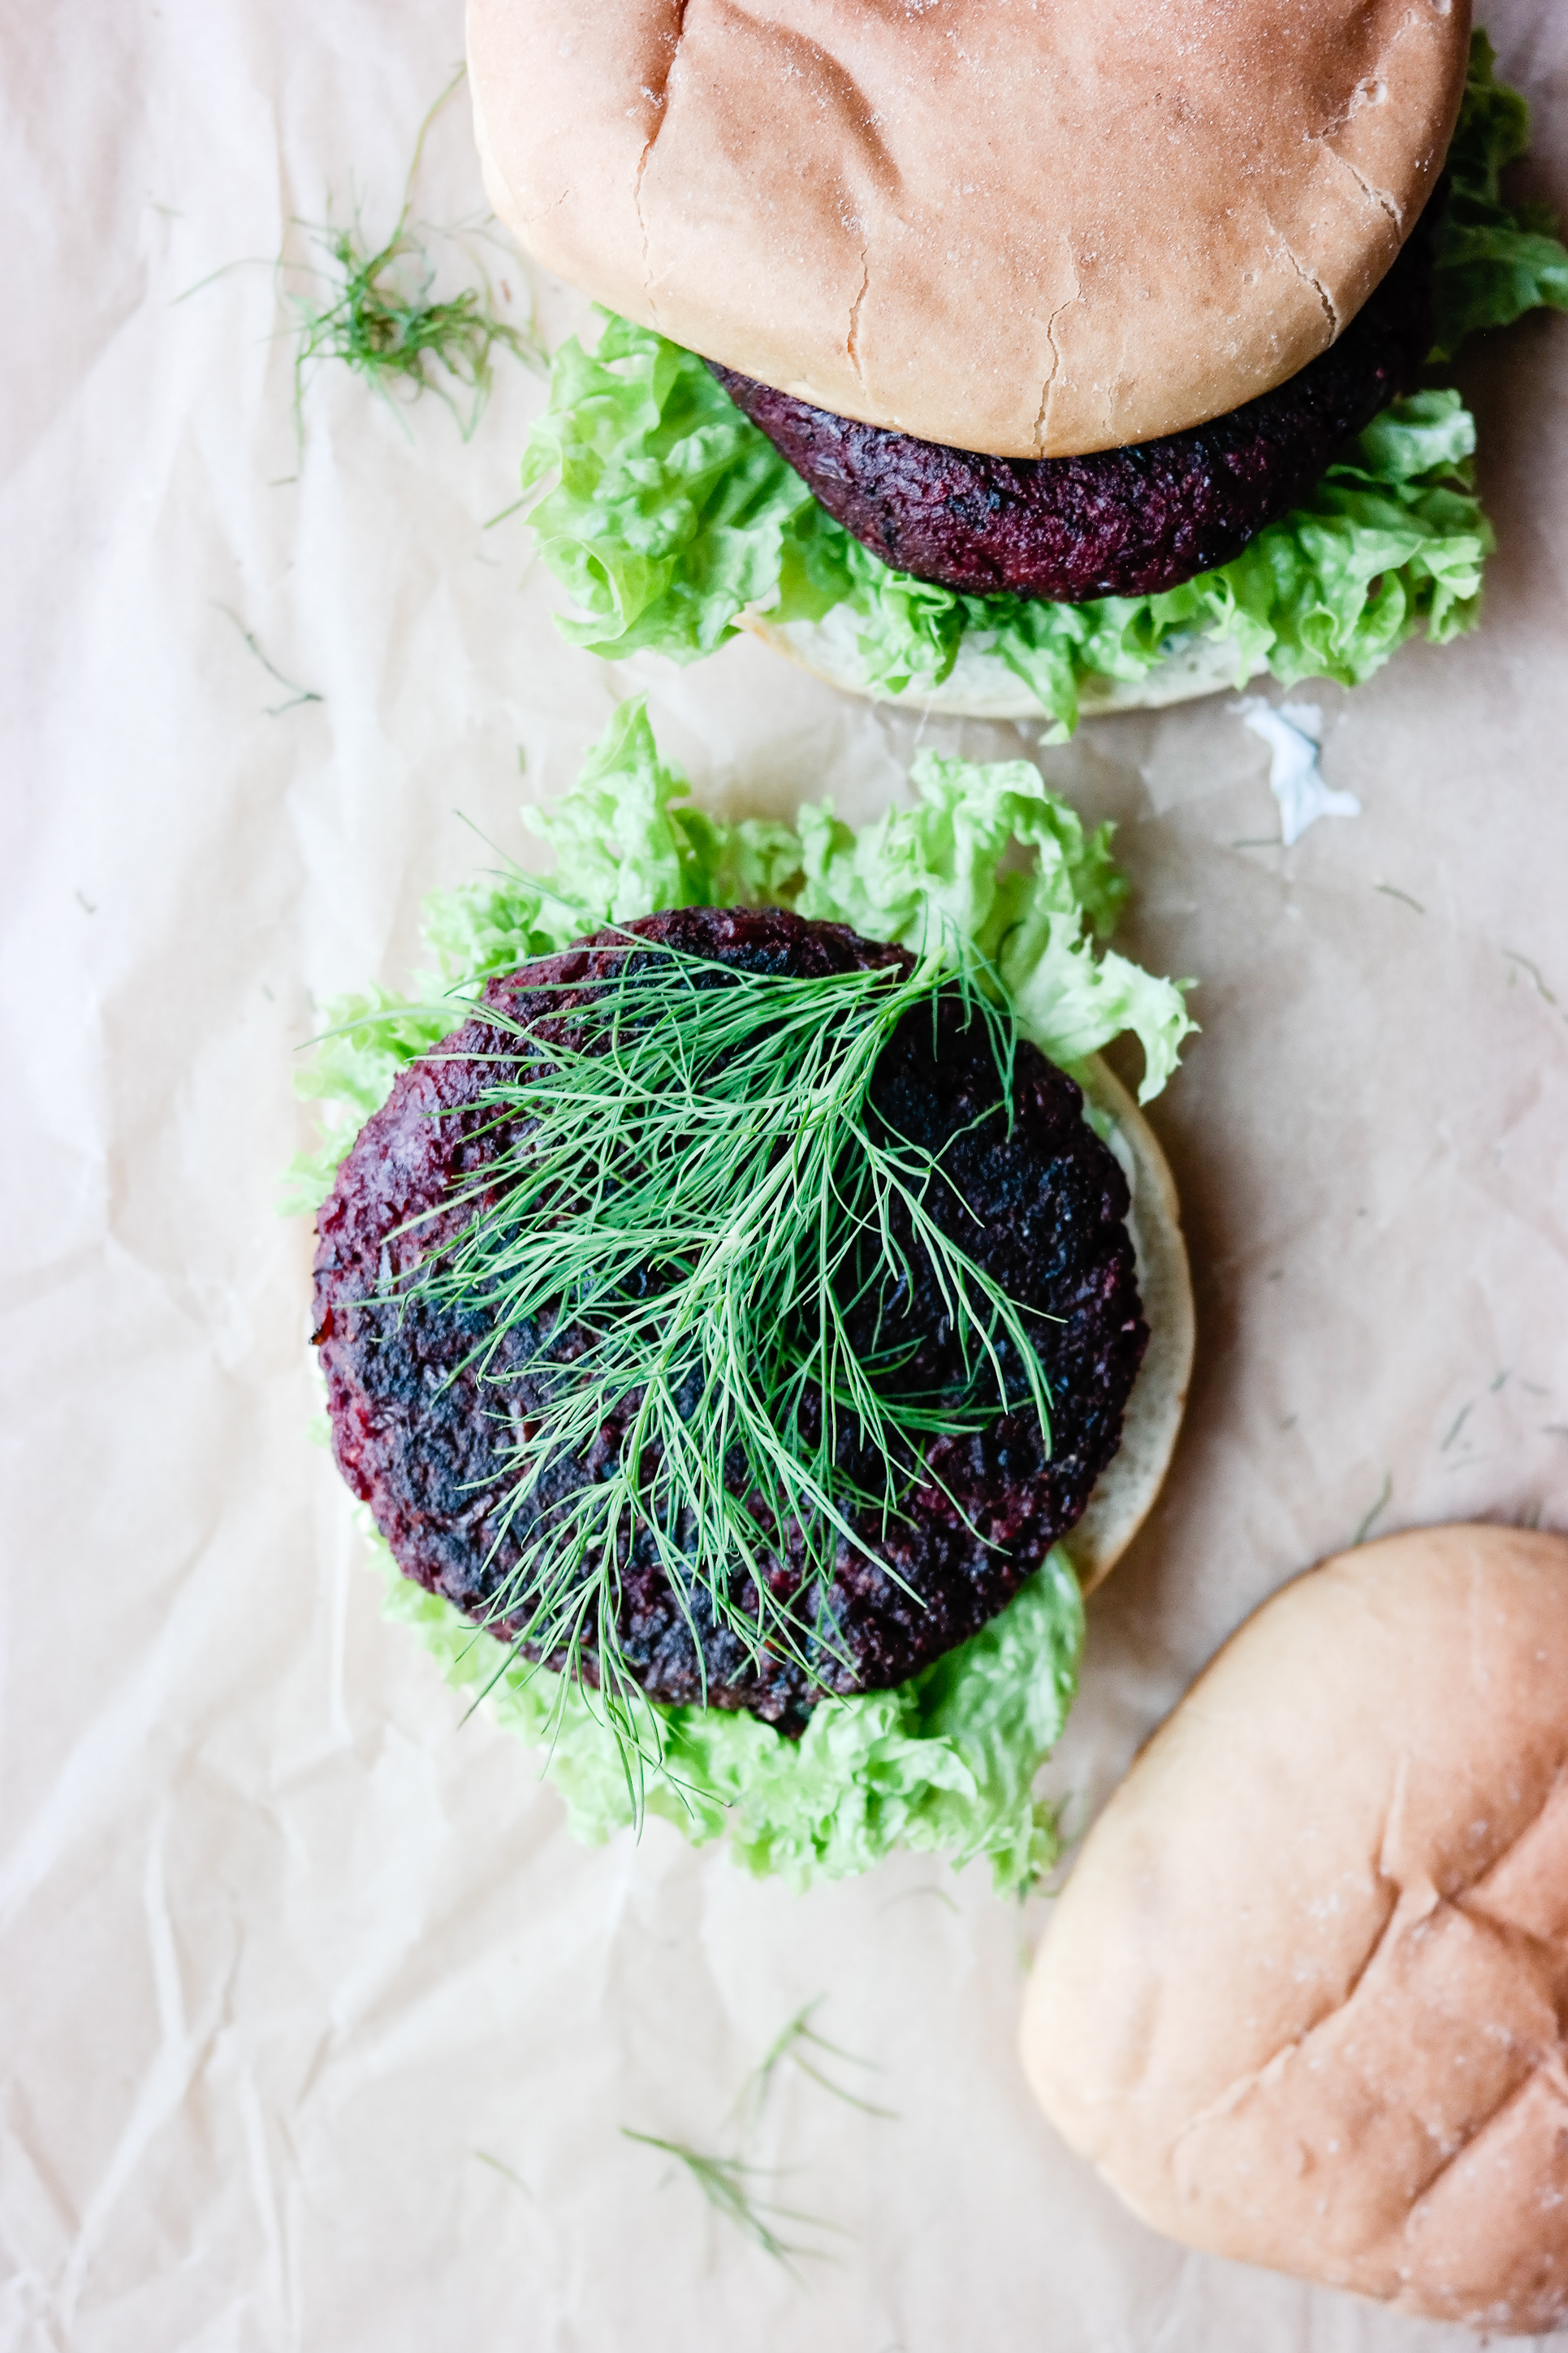 Finnes det en burger som har finere farge enn rødbeteburger? Tror ikke det.